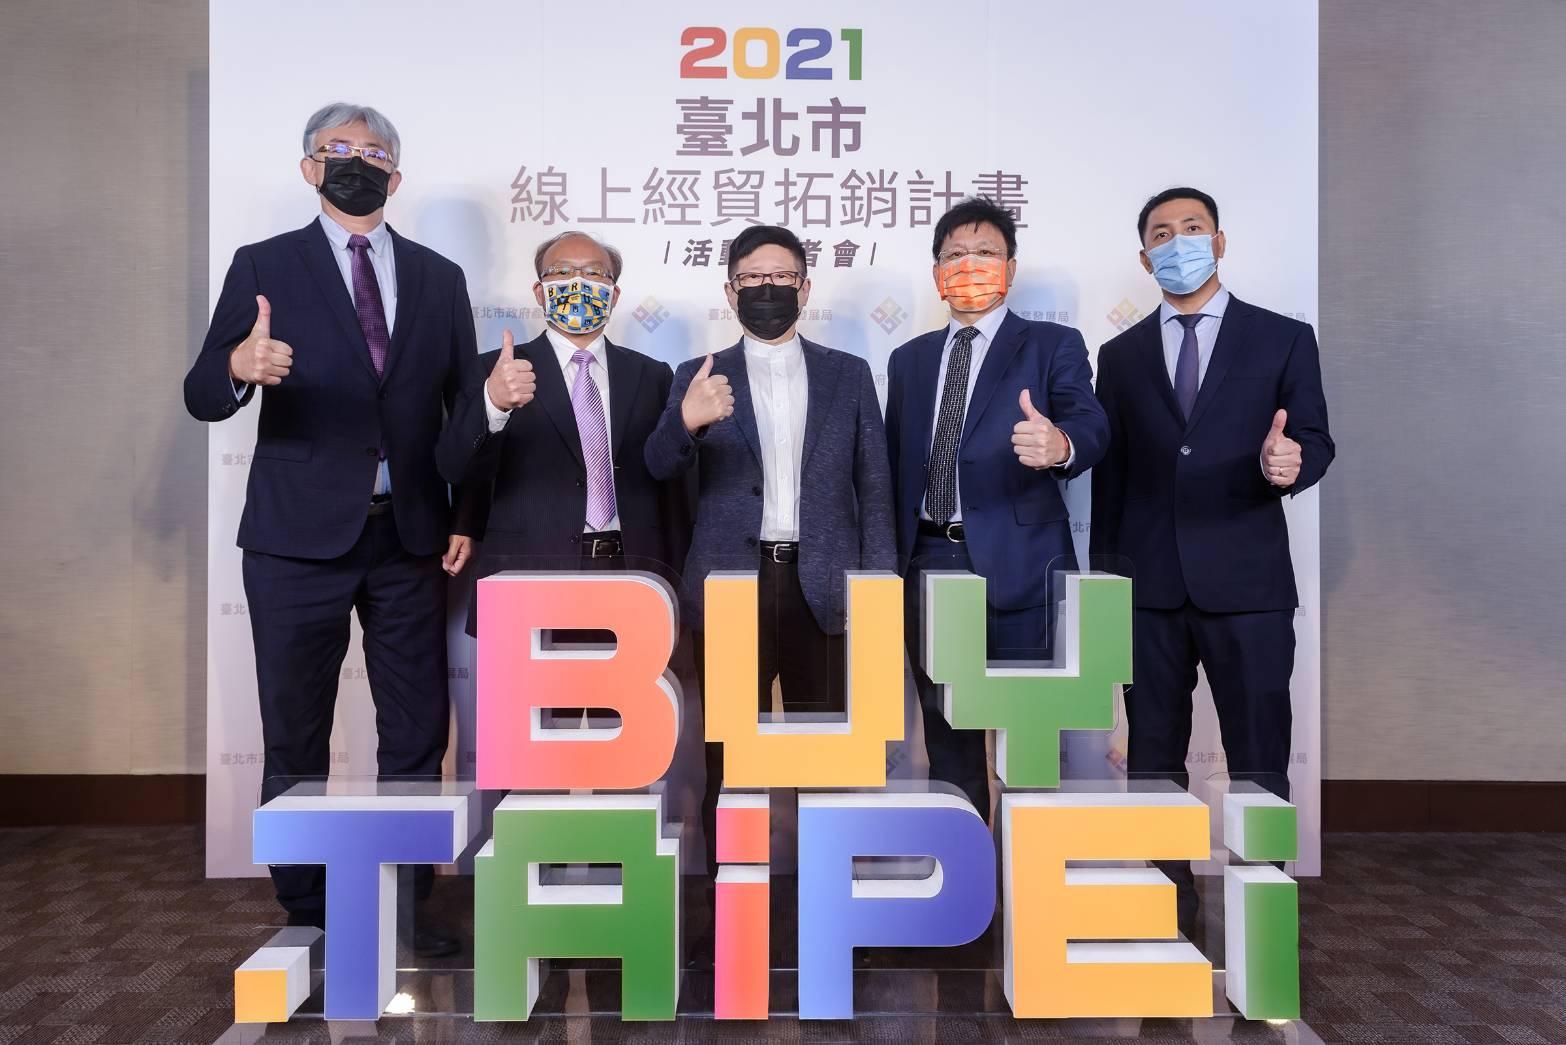 「2021台北市線上經貿拓銷團」 越南台灣形象展開展首日創造852萬美元商機 拉丁美洲、中東非洲開放報名